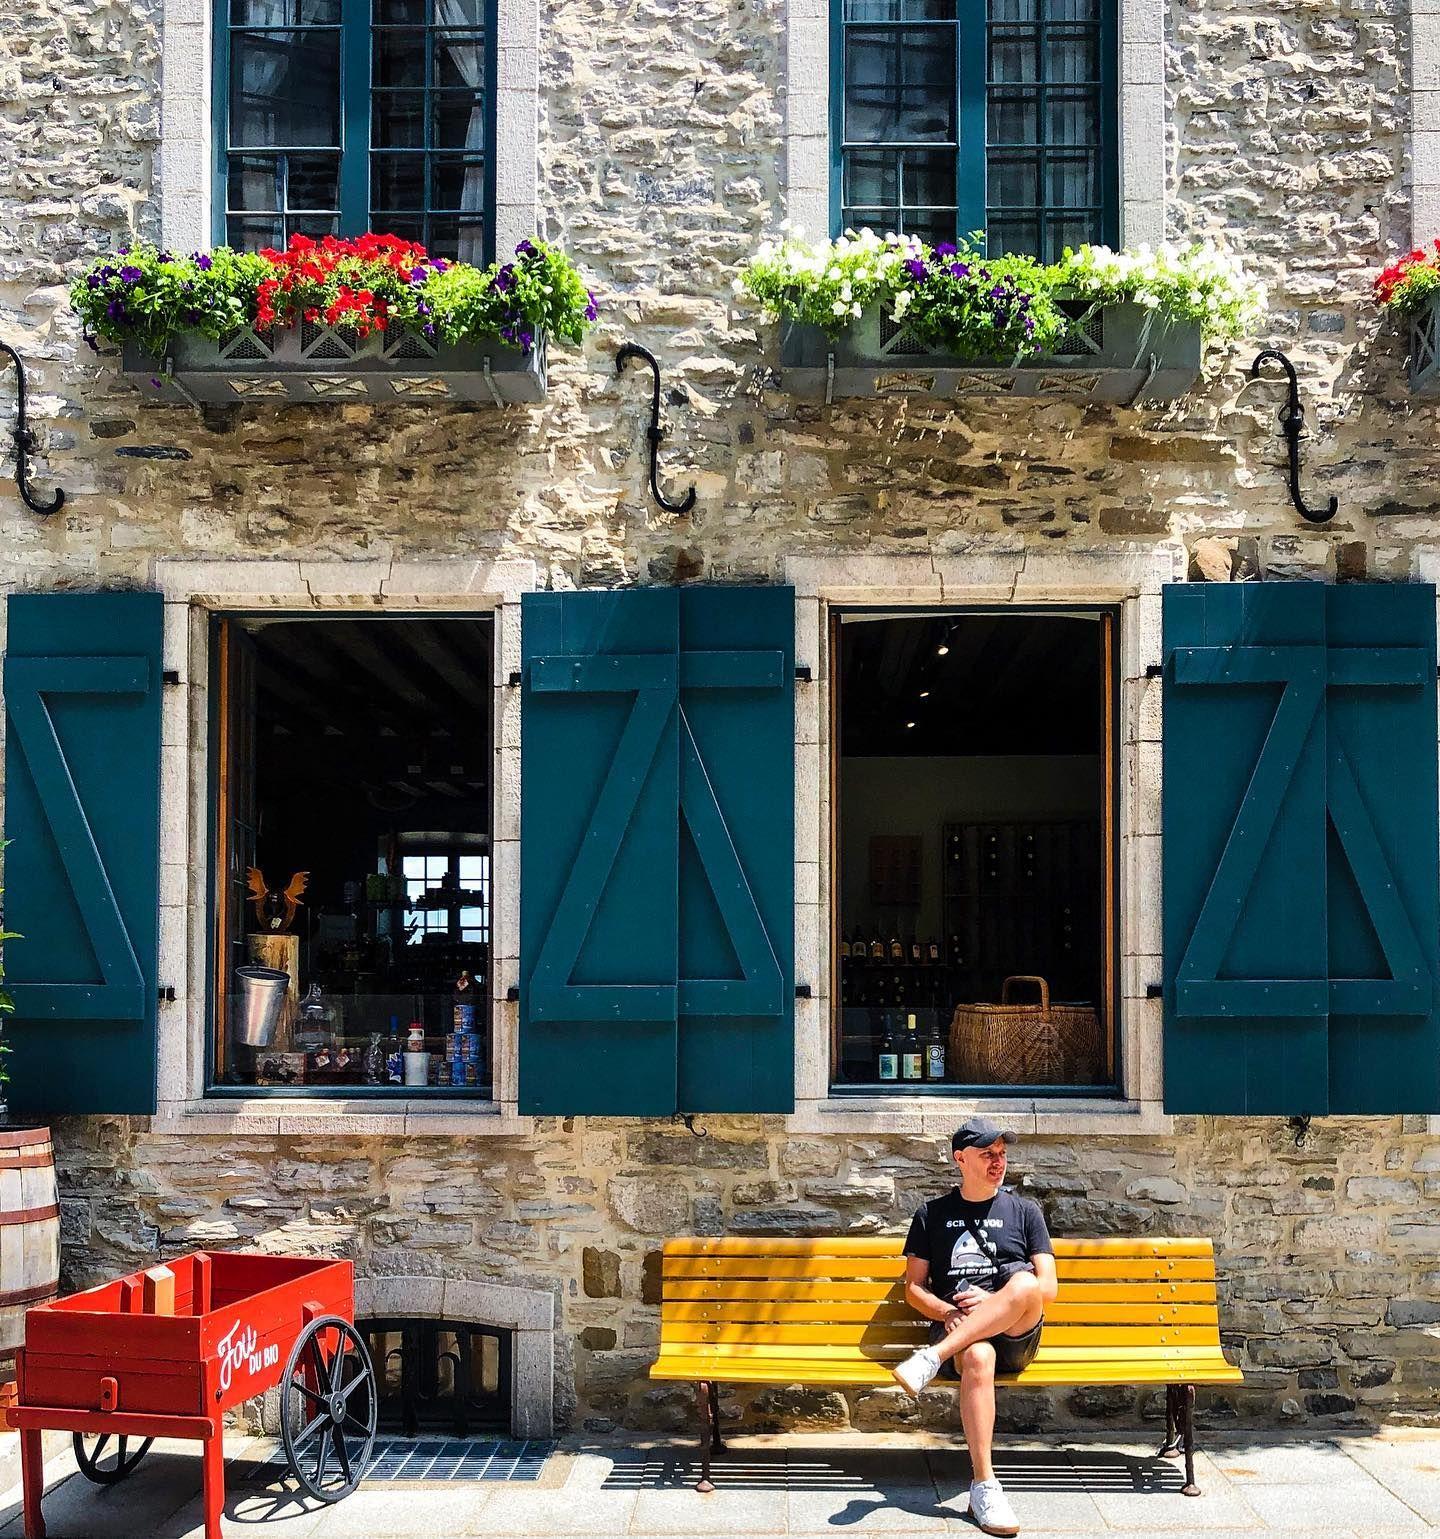 Fou Du Bio Pres De La Place Royale Outdoor Decor Garage Doors Structures